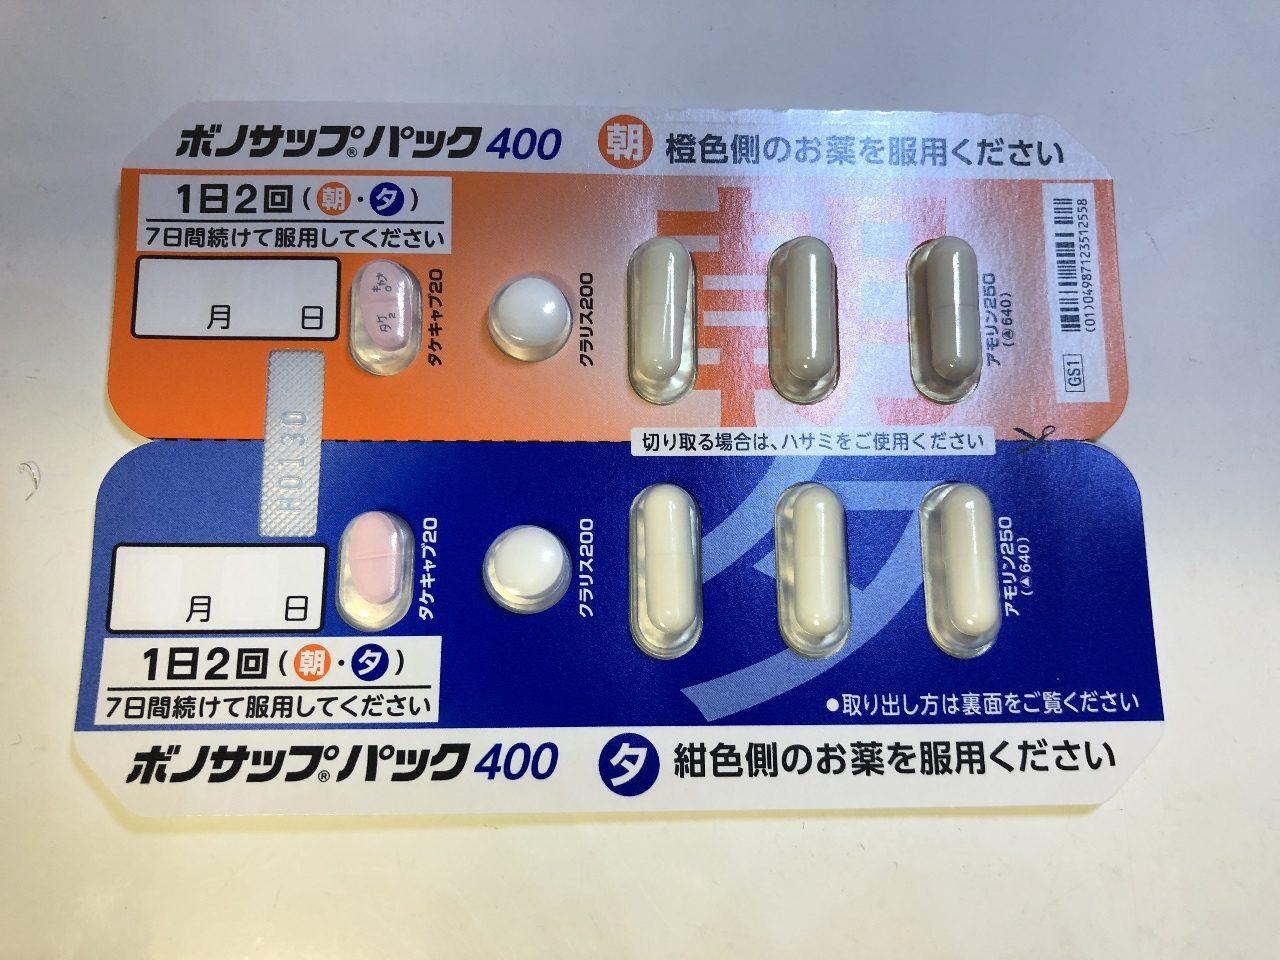 「ボノサップパック400」:ヘリコバクター・ピロリ除菌に用いる薬です。